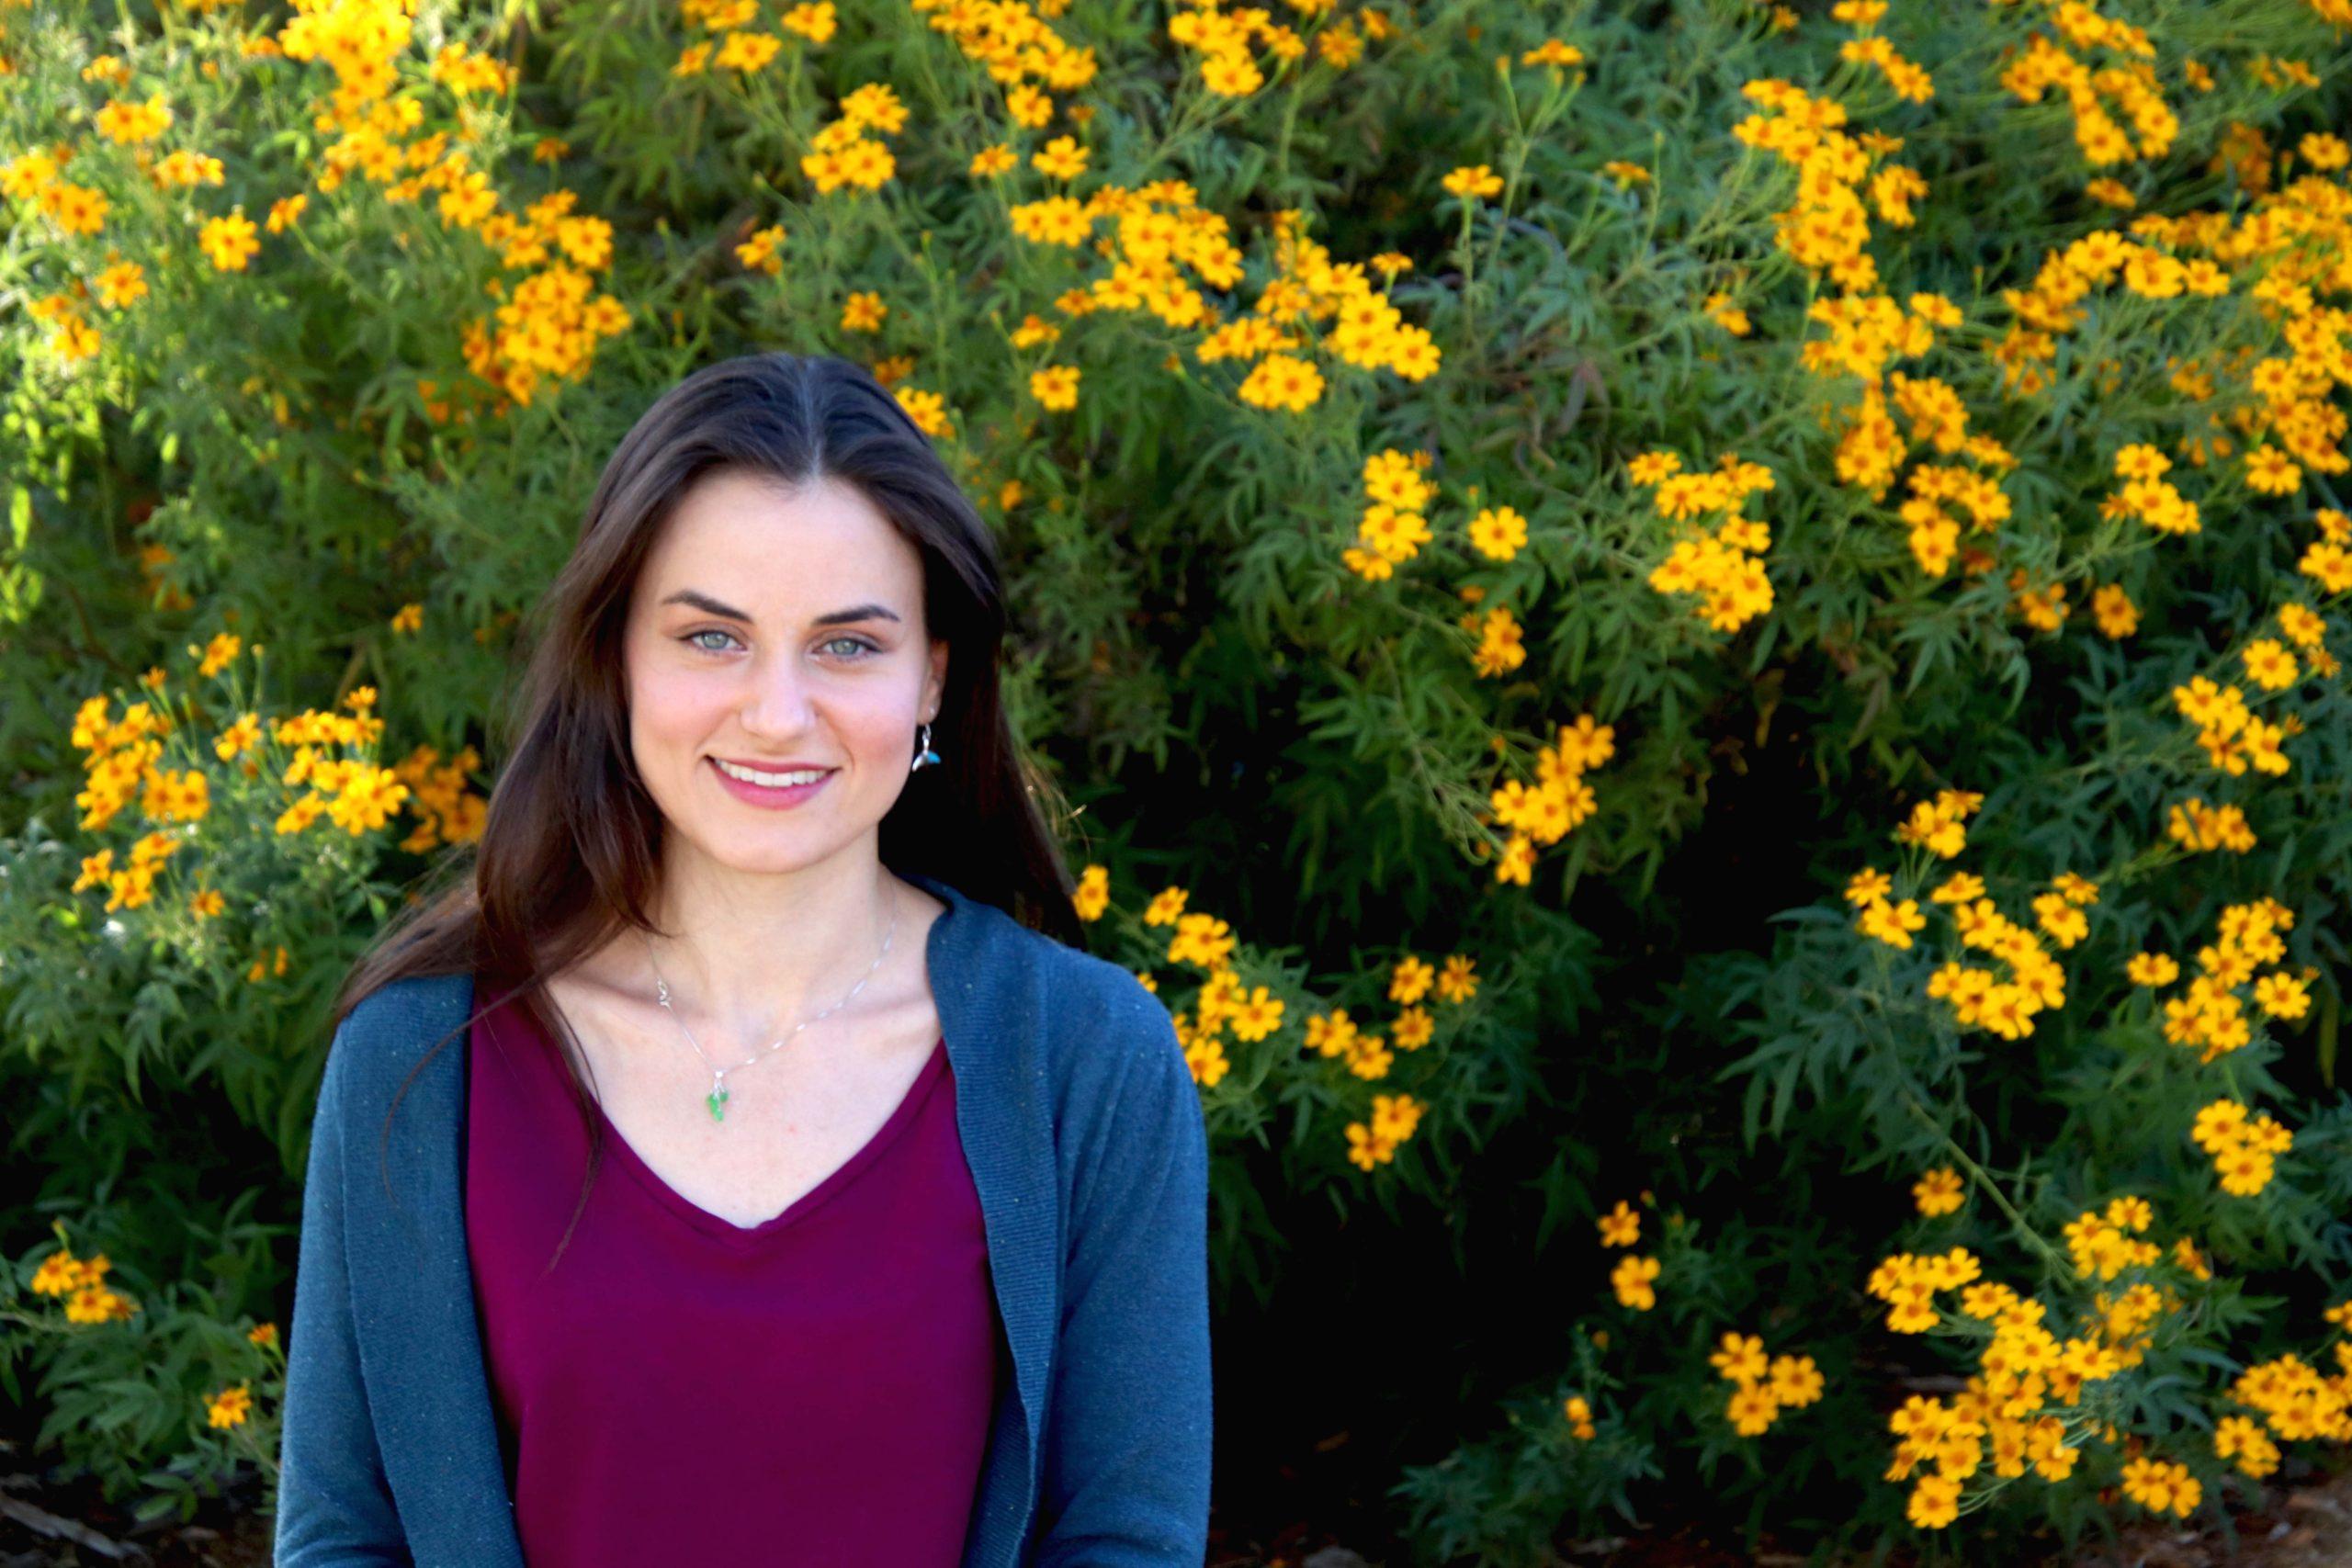 Ayla-Louise Mateo